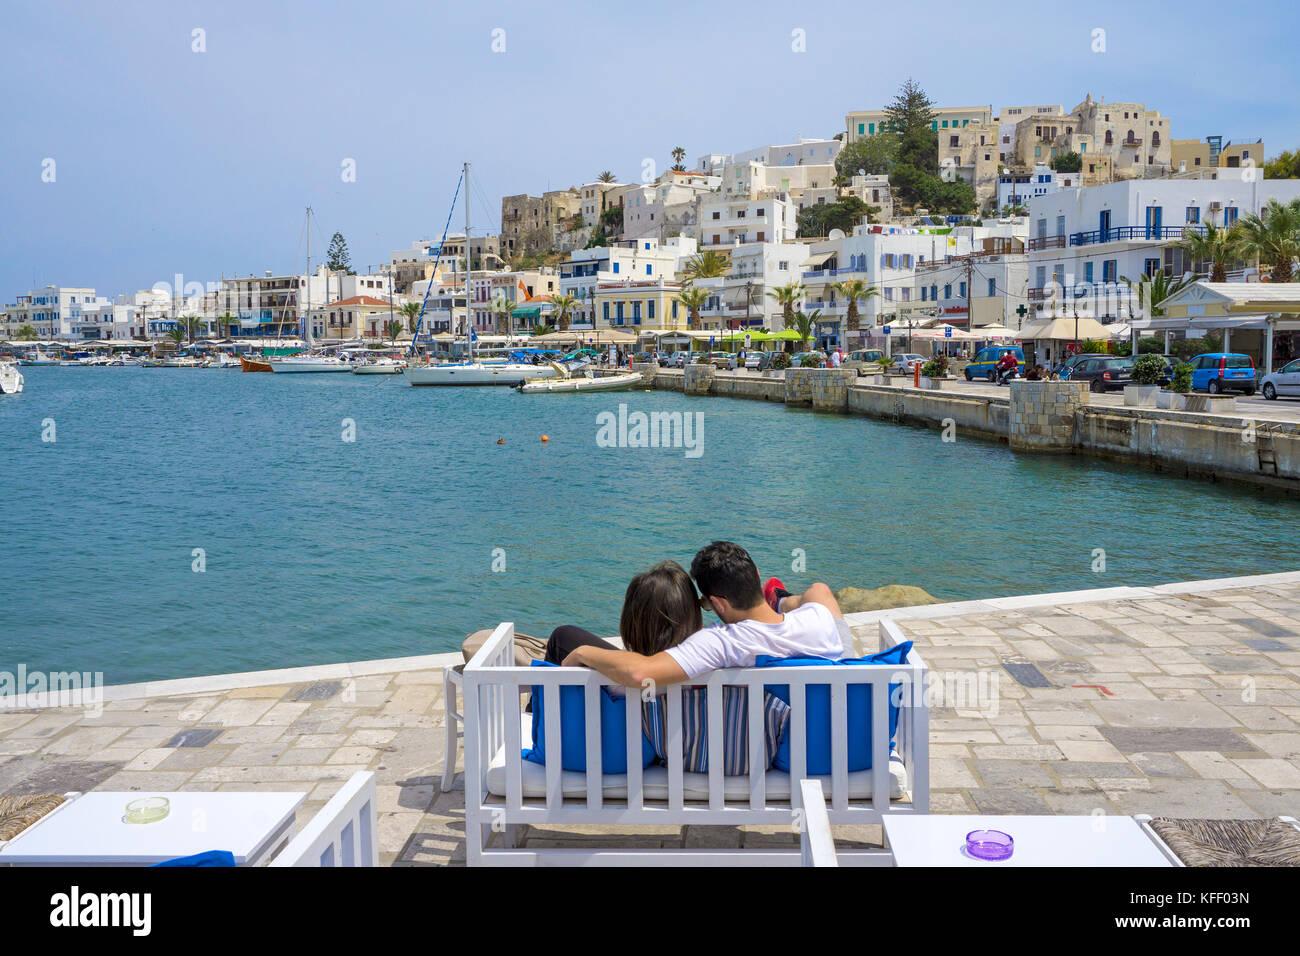 Junges Paar auf einer Bank präsentiert die Sicht auf den Hafen, Naxos, Insel Naxos, Kykladen, Ägäis, Stockbild